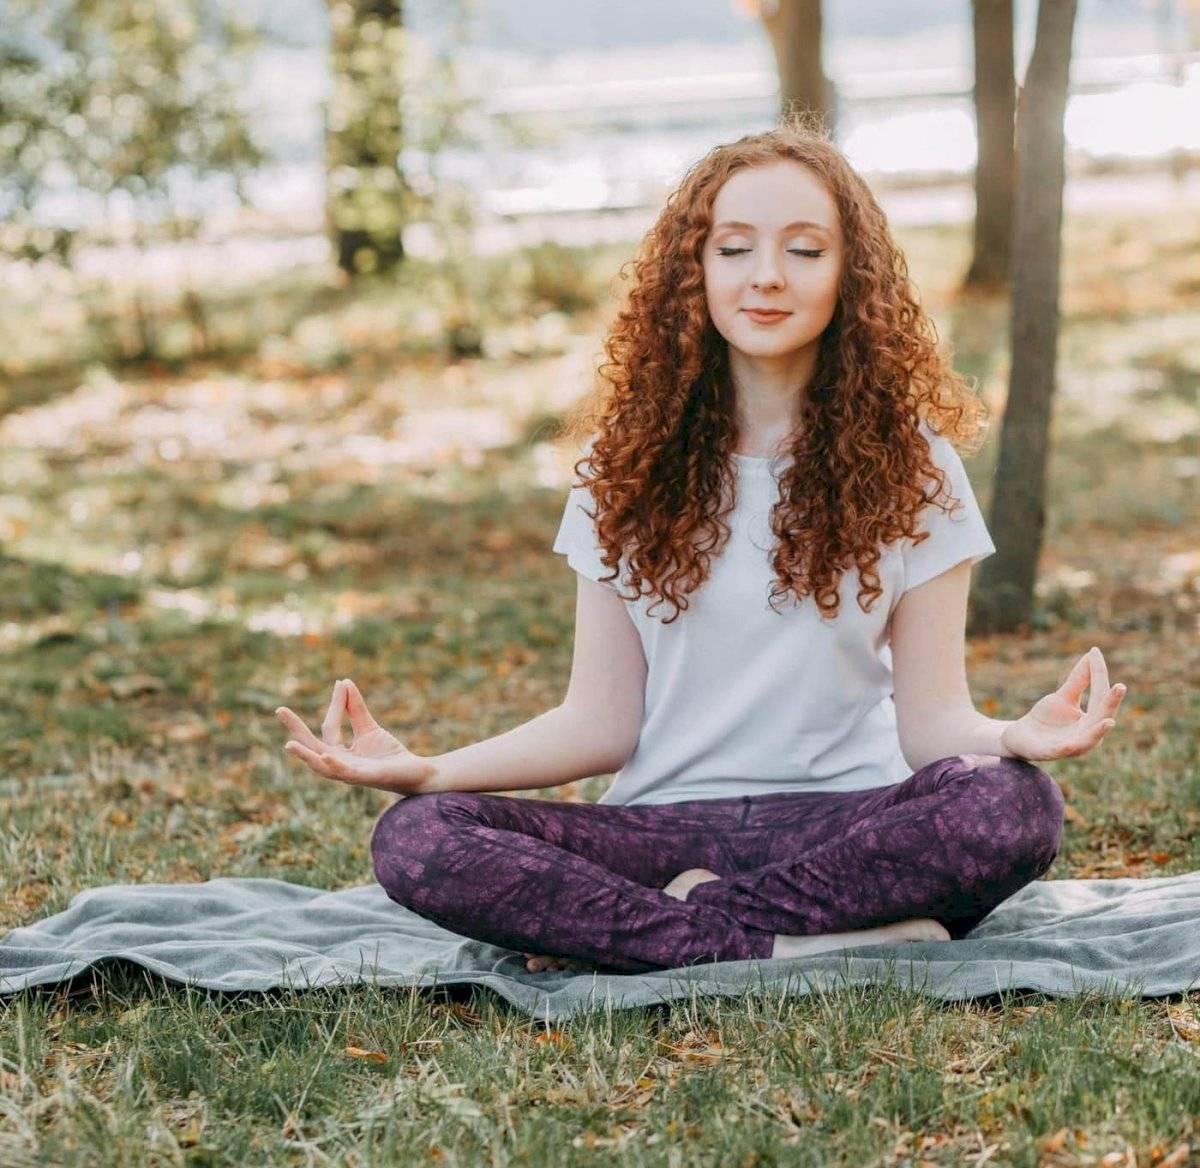 Repetir mantras por cinco minutos es ideal para meditar